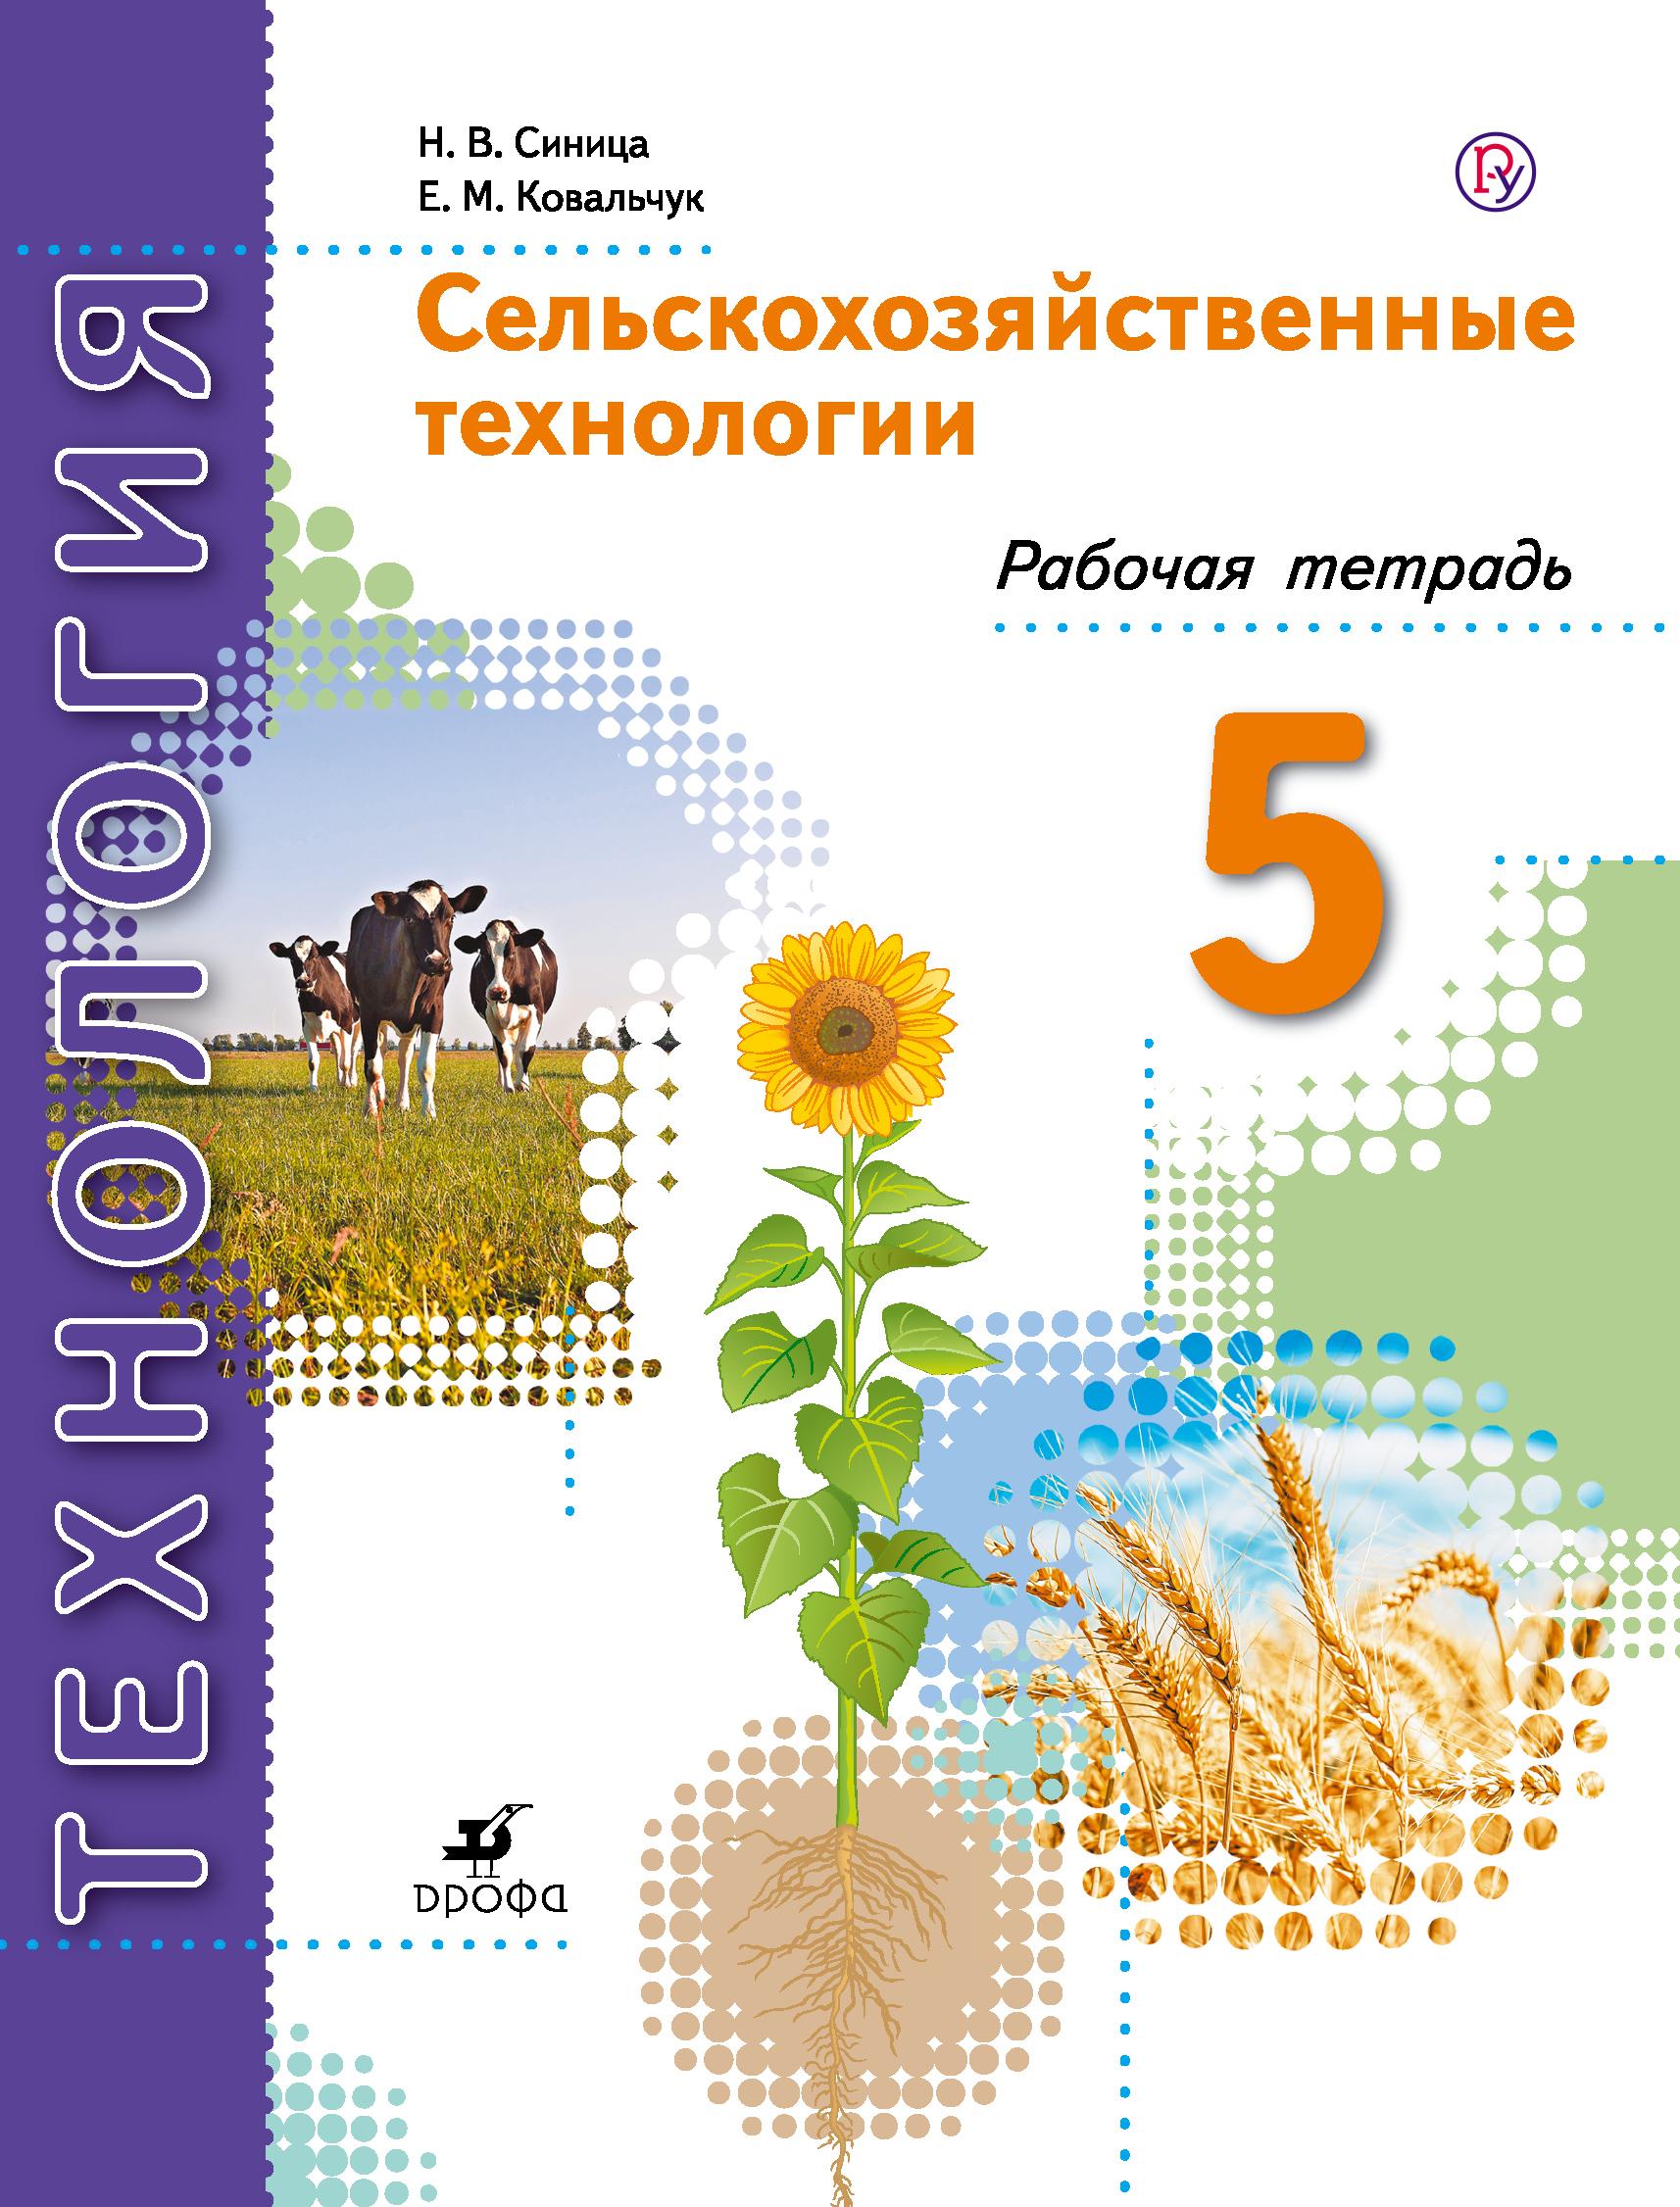 Сельскохозяйственные технологии. 5 класс. Рабочая тетрадь. ( Синица Н.В., Ковальчук Е.М.  )